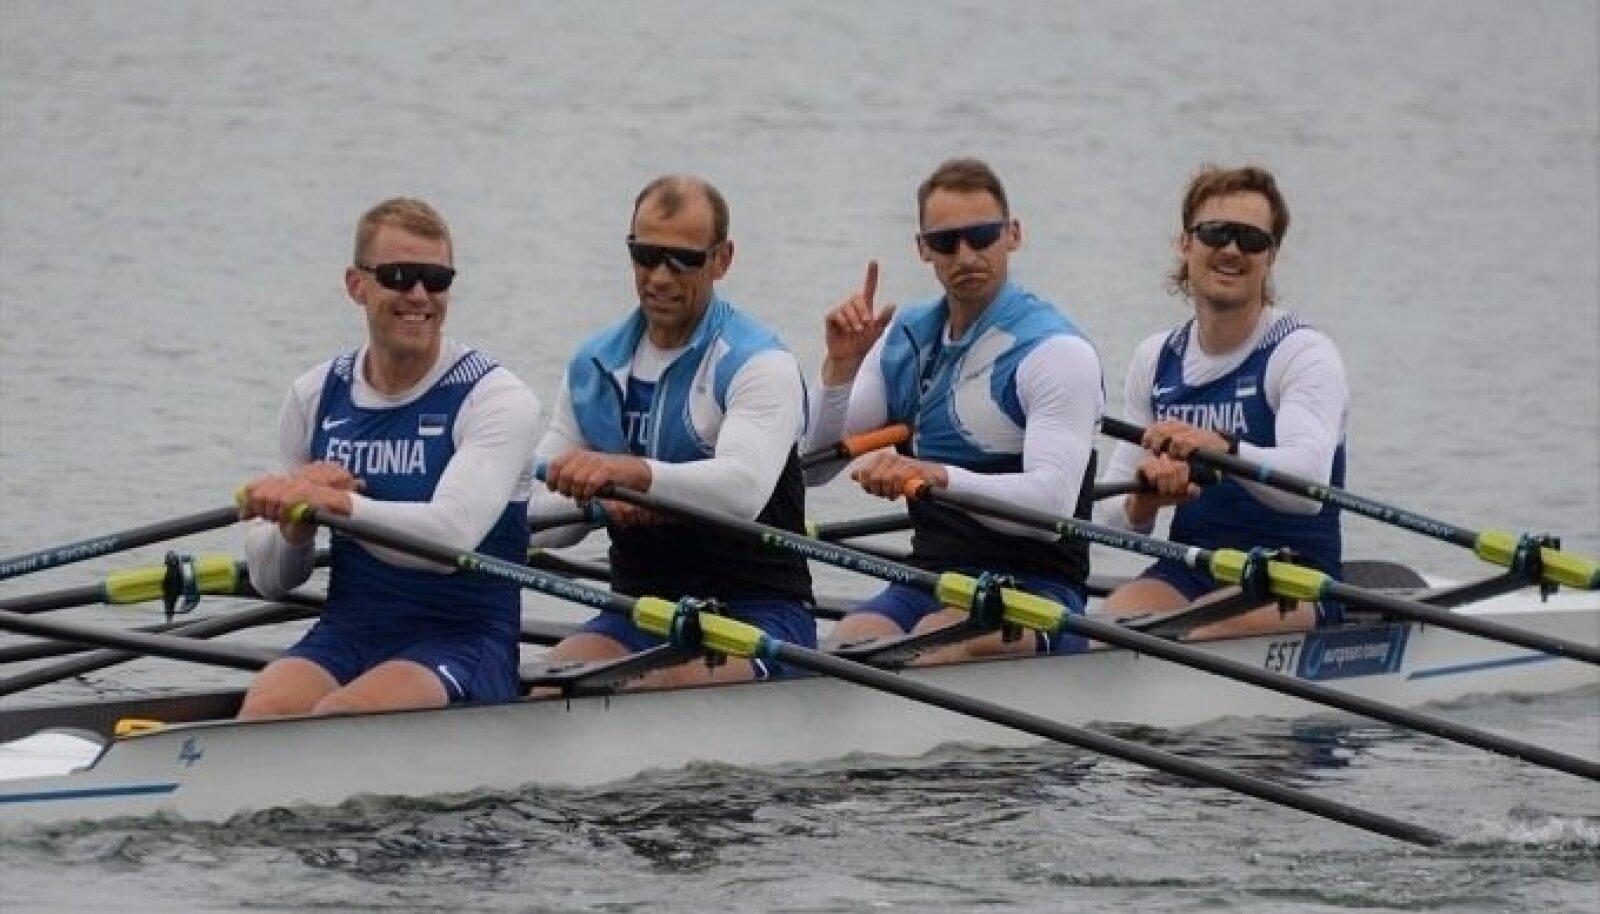 Eesti paarisaeruline neljapaat koosseisus Kaspar Taimsoo (vasakult), Tõnu Endrekson, Allar Raja ja Jüri-Mikk Udam.